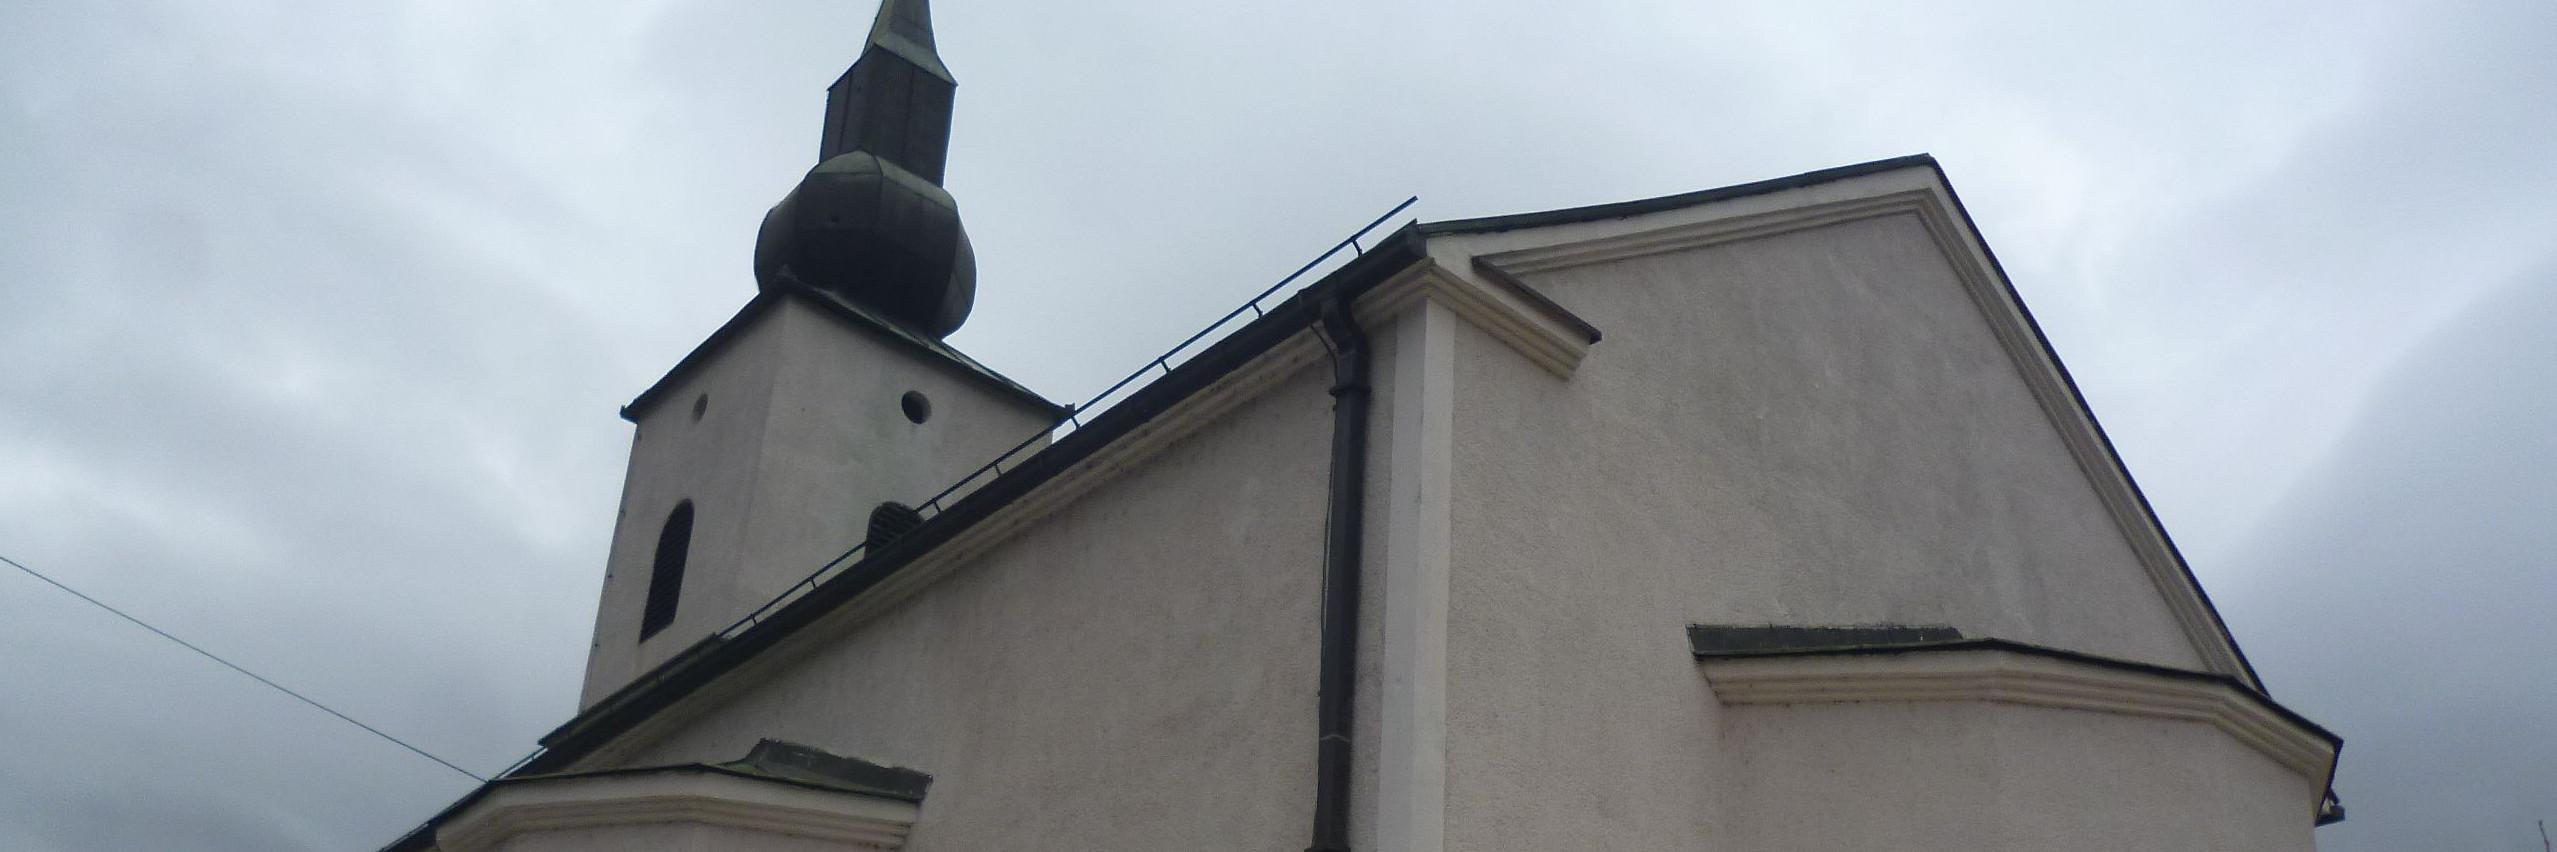 Церковь св. Василия Великого в Конице. Фото: Елена Арсениевич, CC BY-SA 3.0